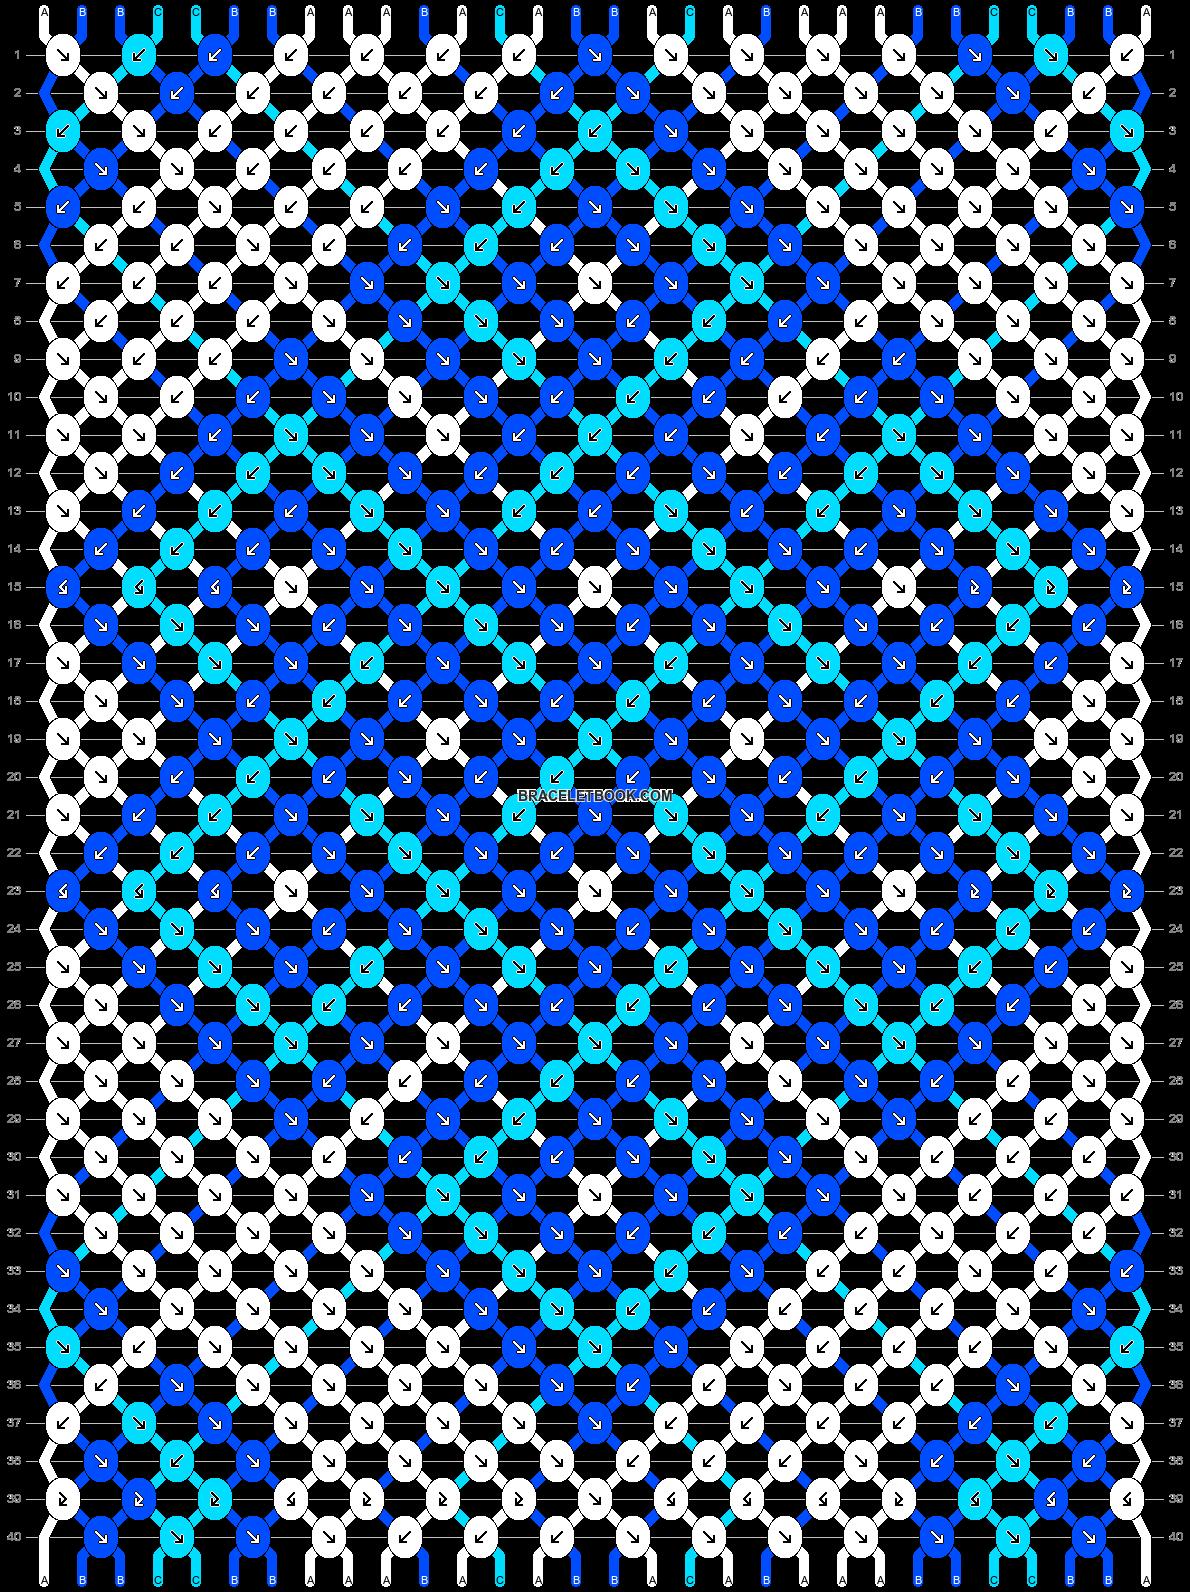 Normal Pattern #10182 added by gatorgirl